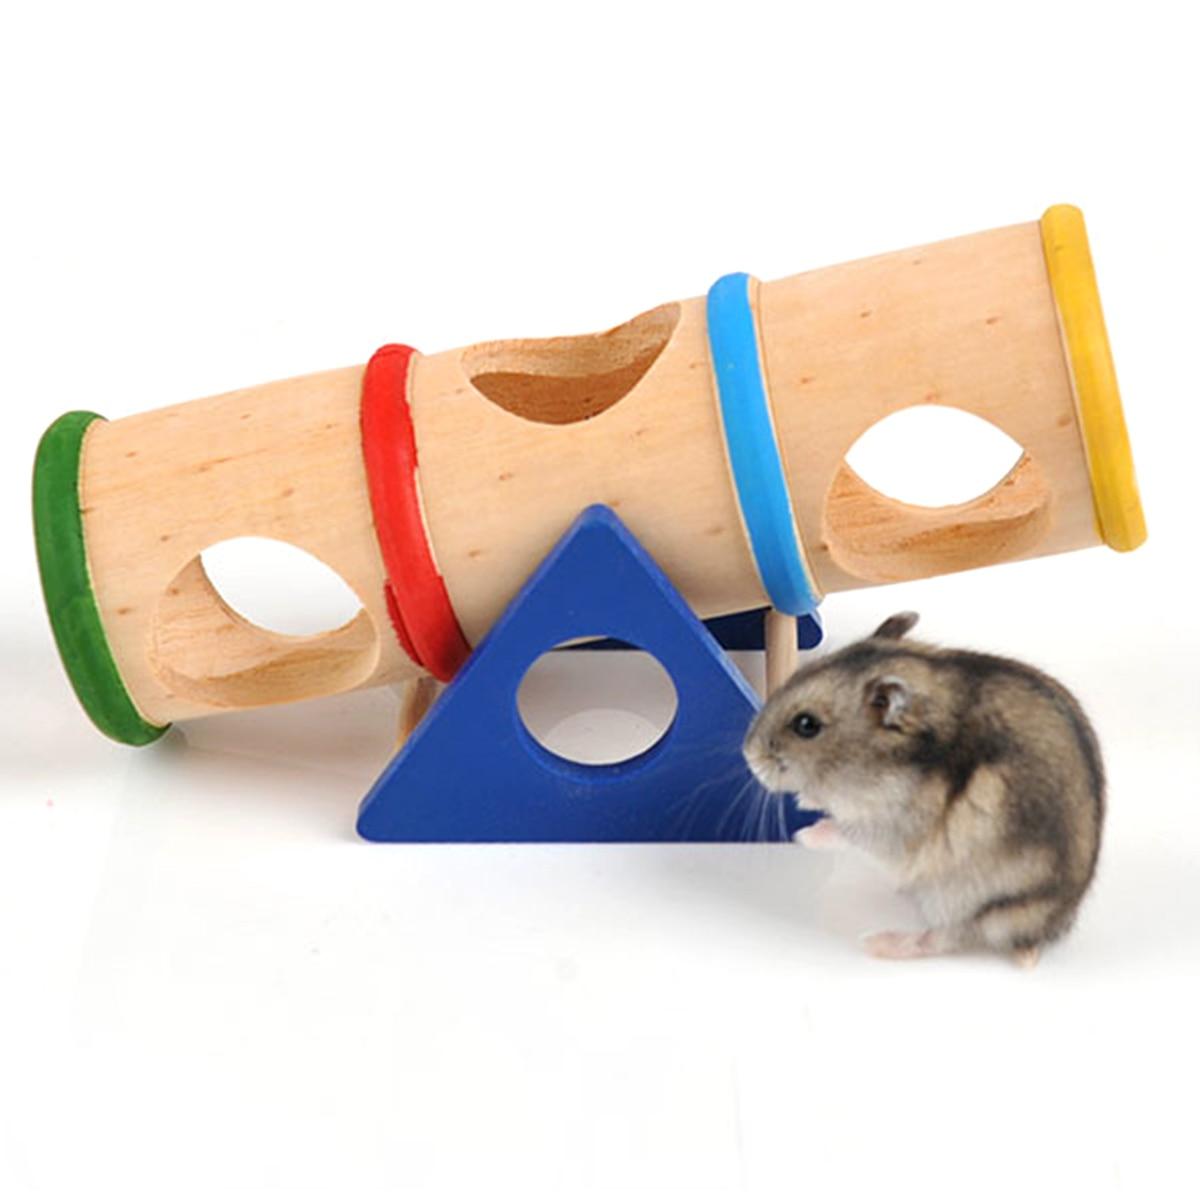 Hamster brinquedos de madeira para cima balde hamster seeaw túnel tubo pequeno animal estimação brinquedo de madeira mastigar brinquedo para coelho furão